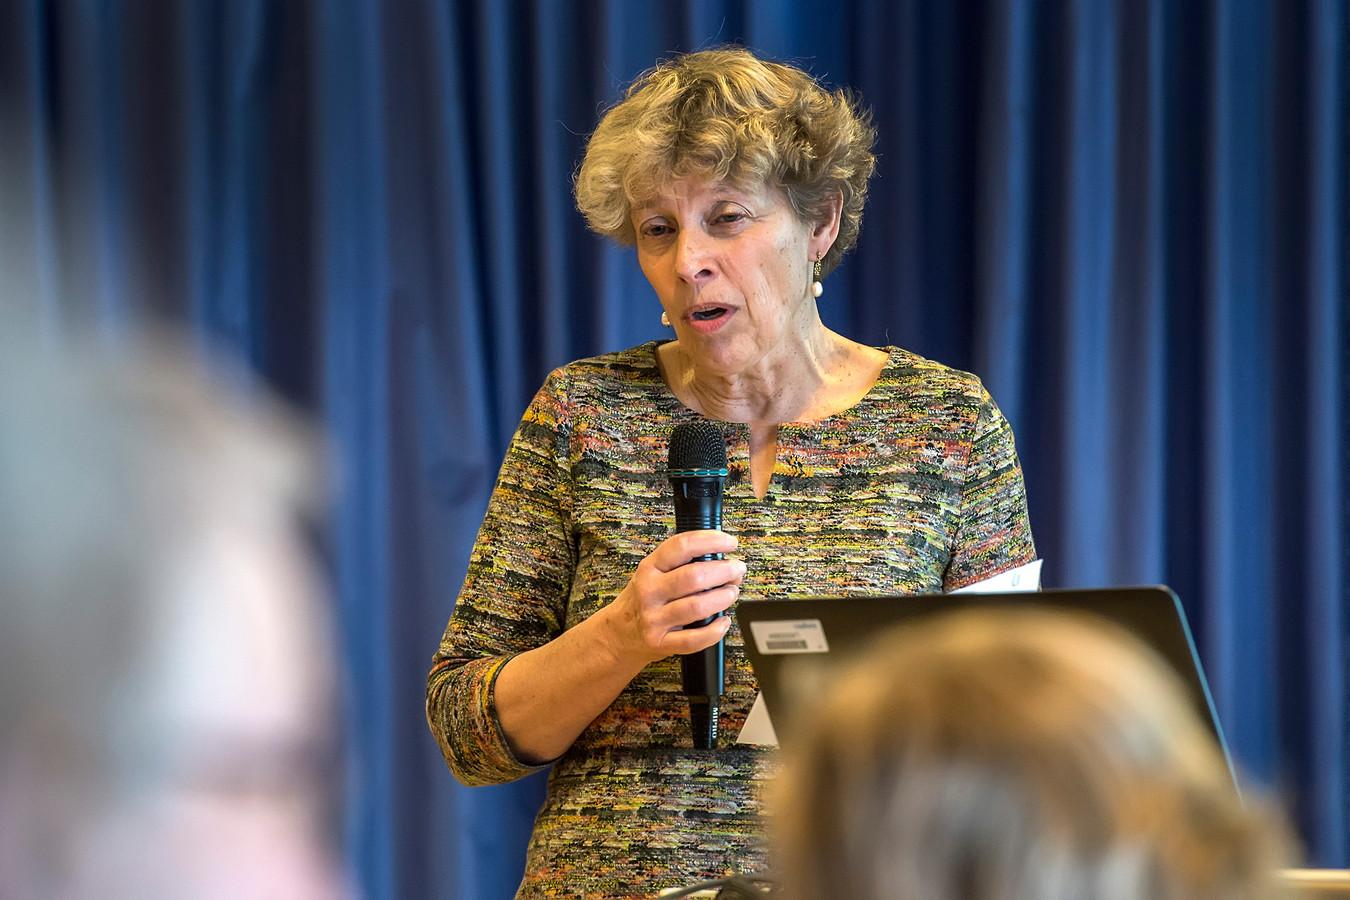 BREDA, Pix4Profs-Ron Magielse Liesbeth Adriaansens op het symposium in amphia molengracht , dat zij organiseerde over de effecten van electromagnetische velden op de gezondheid.